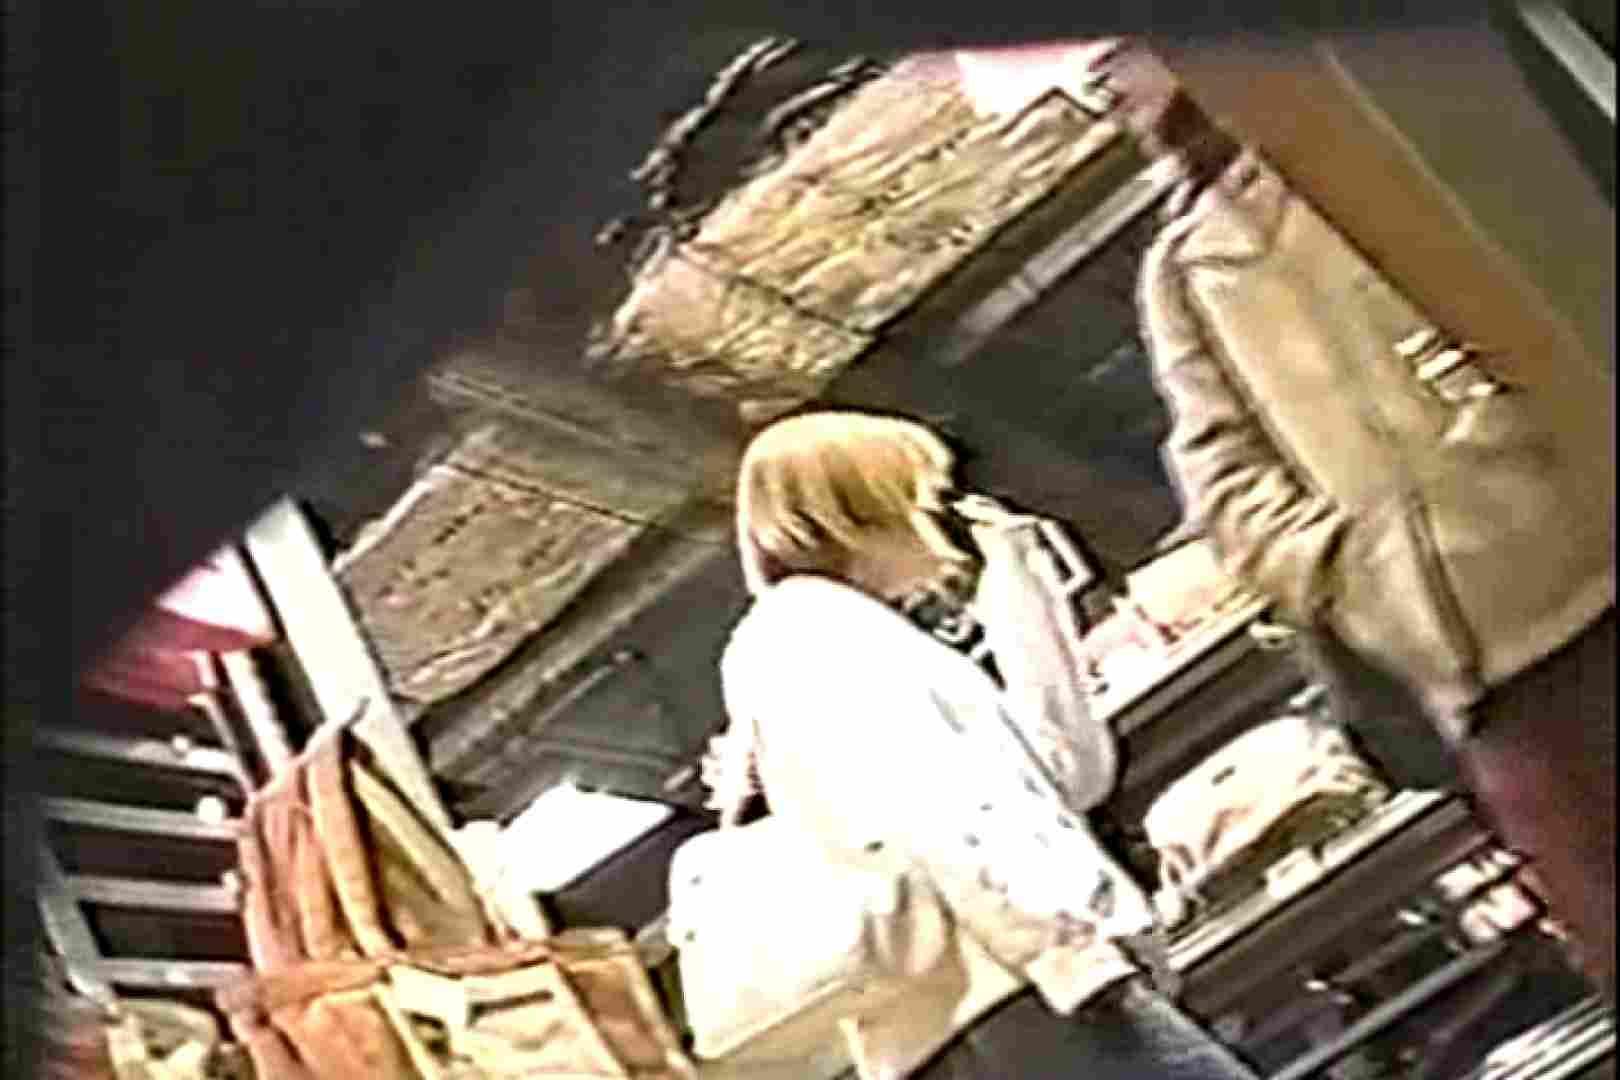 「ちくりん」さんのオリジナル未編集パンチラVol.4_02 ギャルのエロ動画   パンチラのぞき  107画像 96